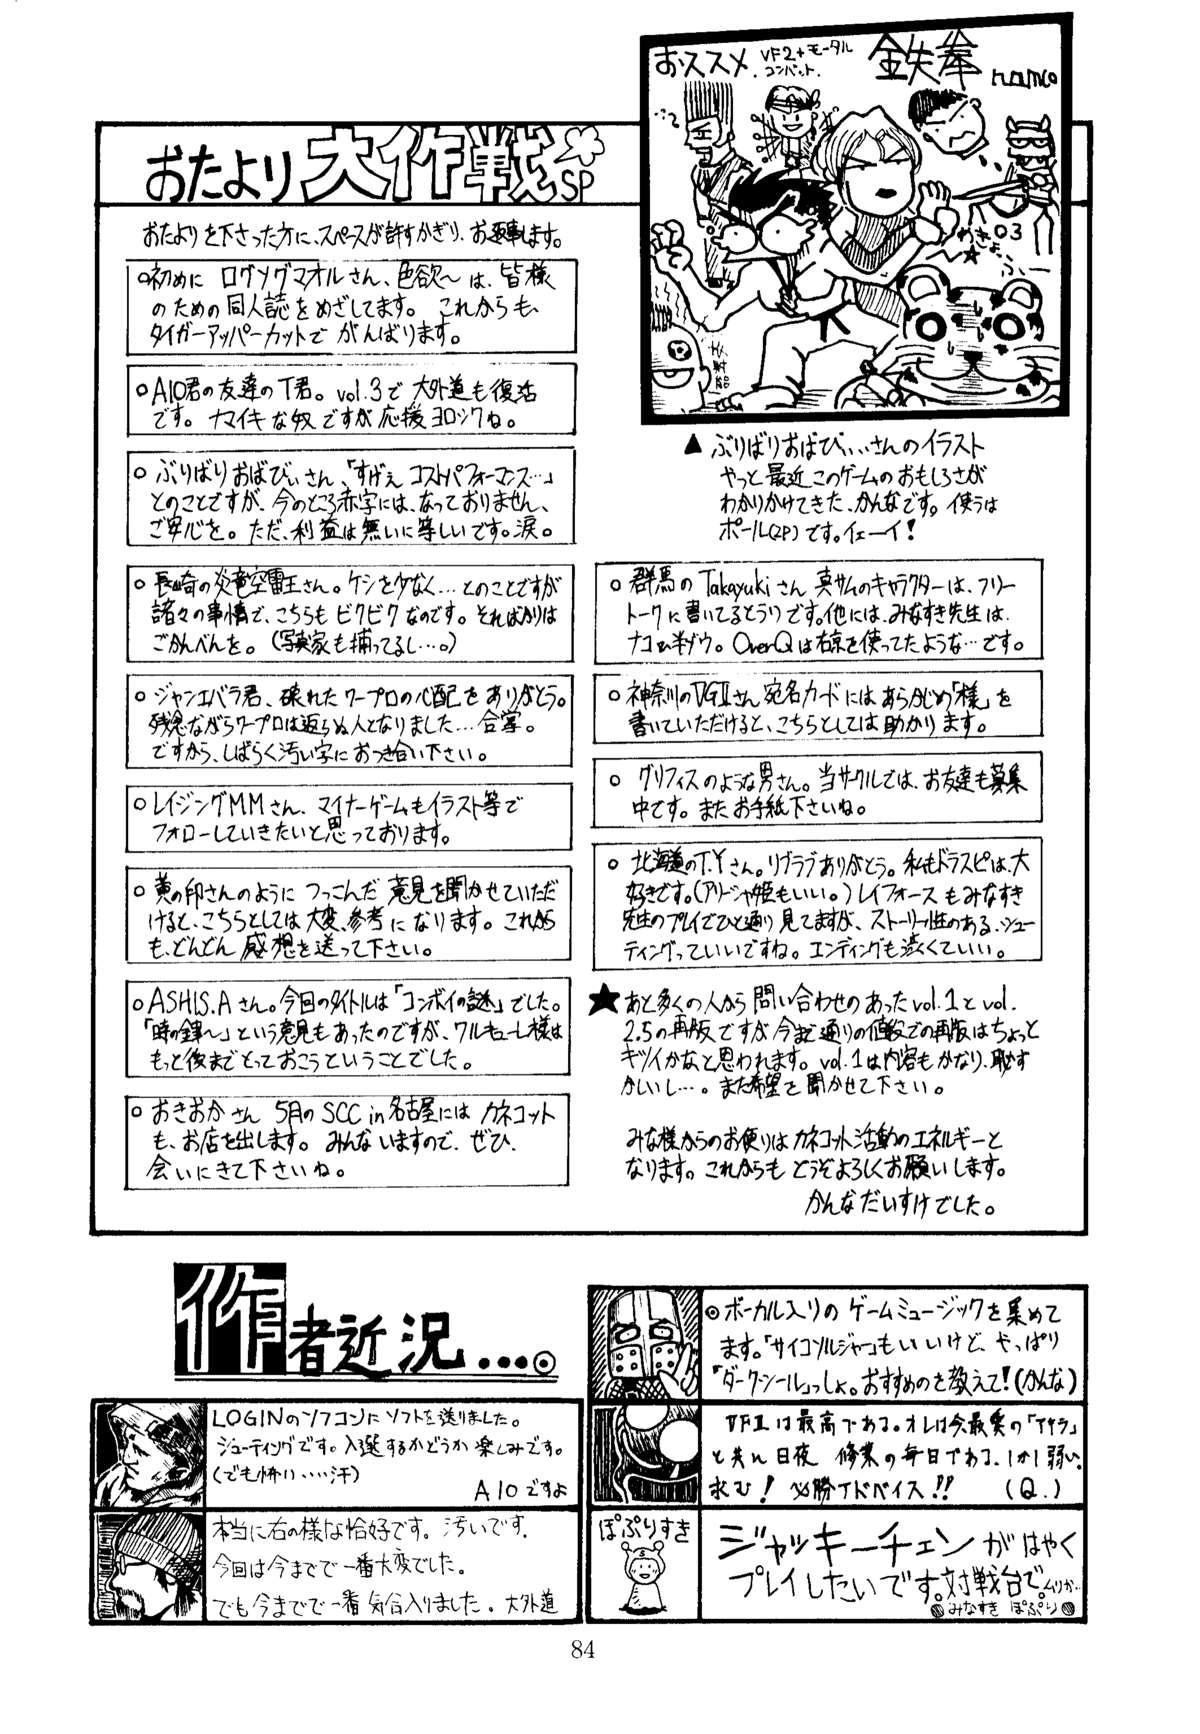 Shikiyoku Hokkedan 3 83